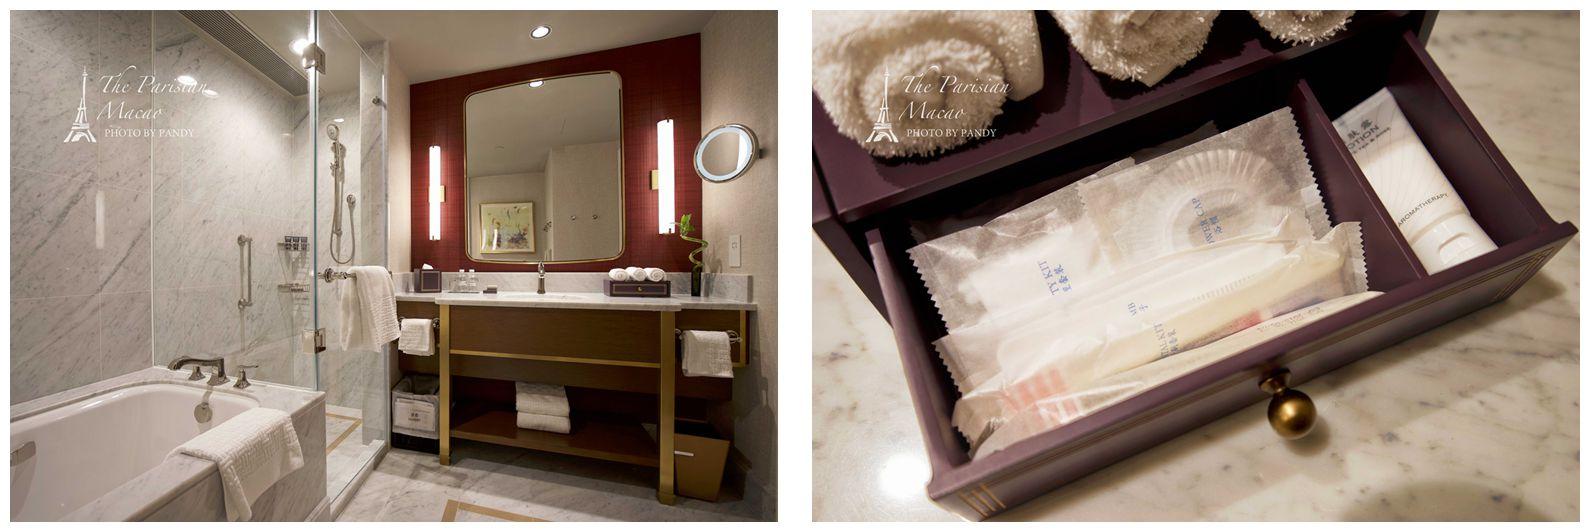 澳门巴黎人酒店房间-浴室